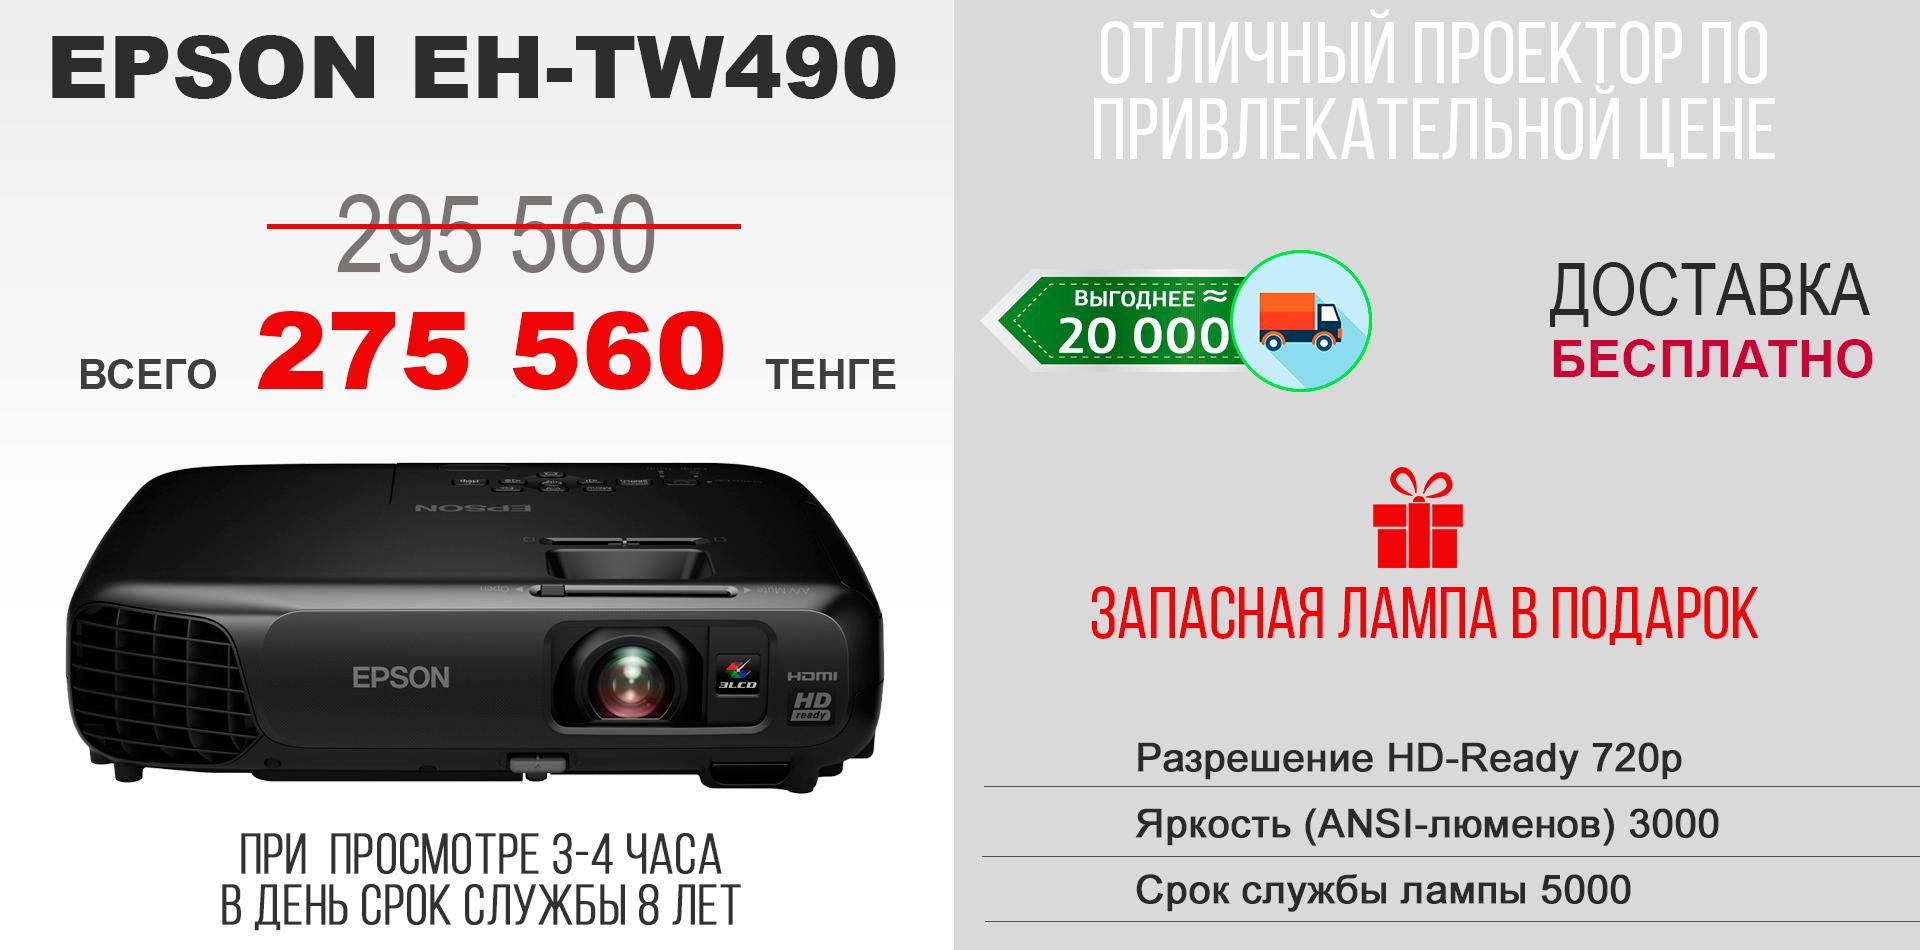 ПРОЕКТОР EPSON EH-TW490